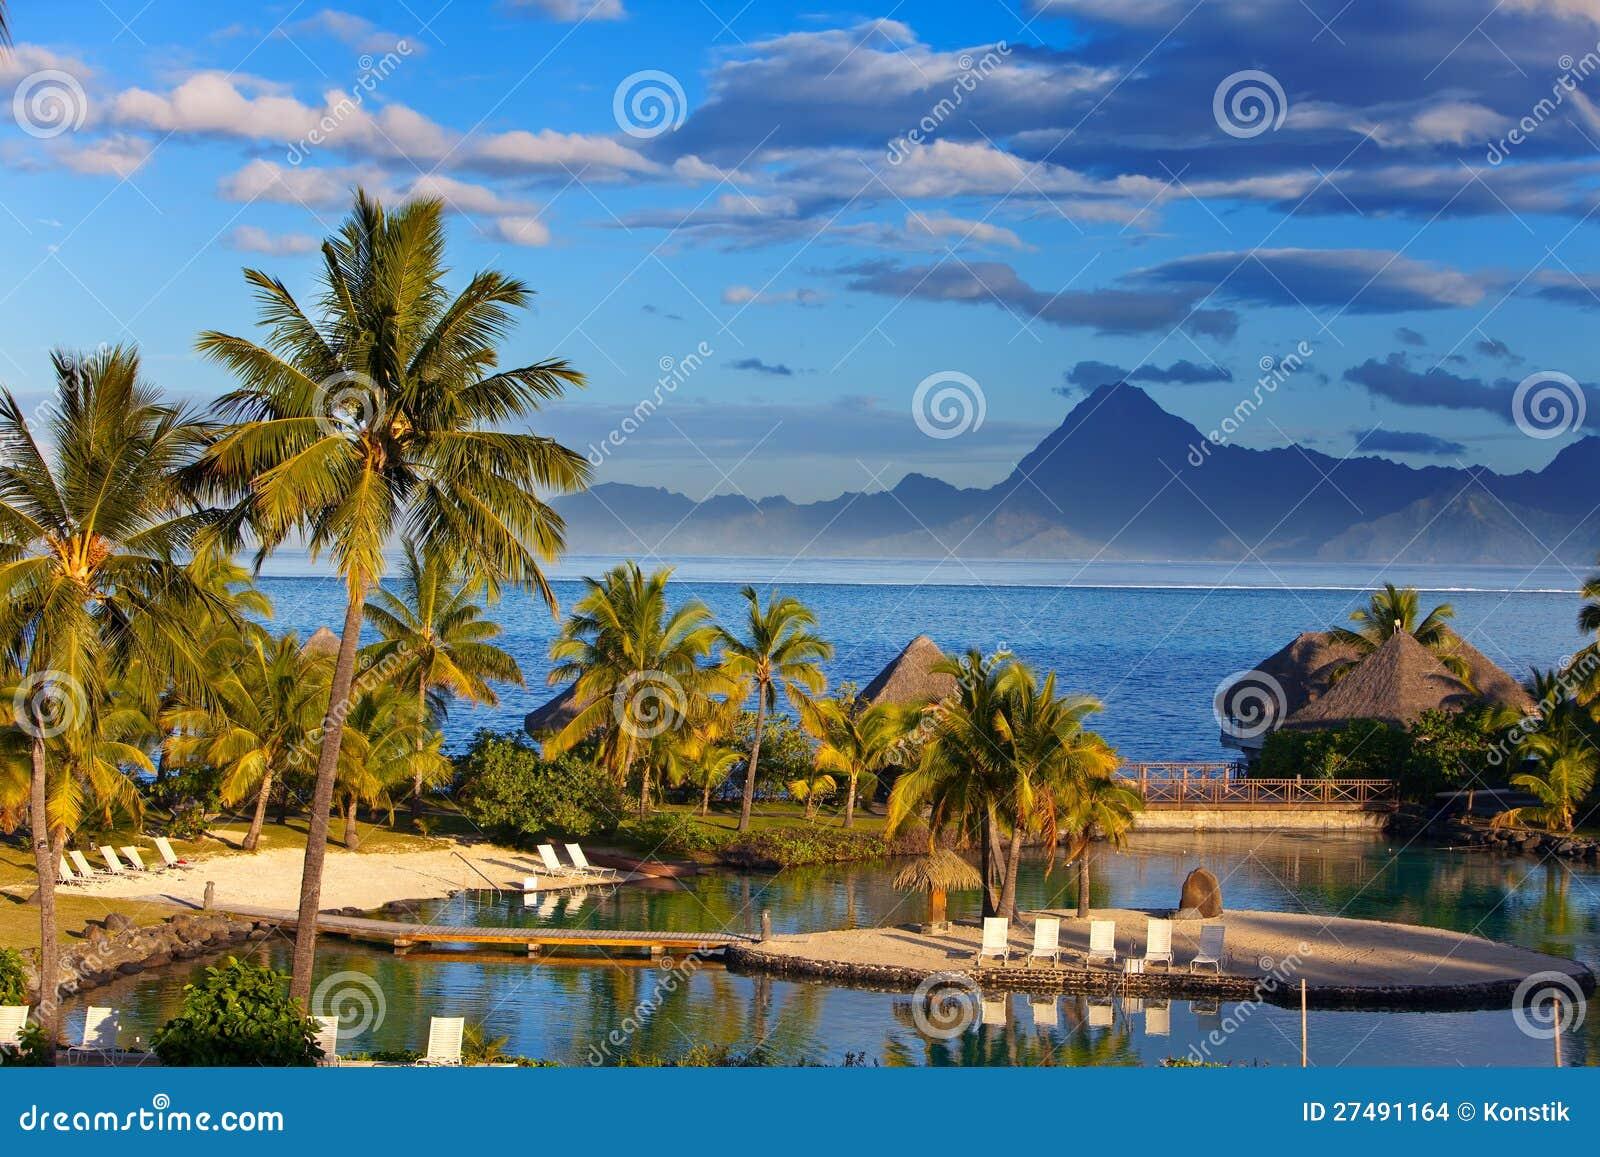 Océan au coucher du soleil. Polynésie. Tahiti.Landscape